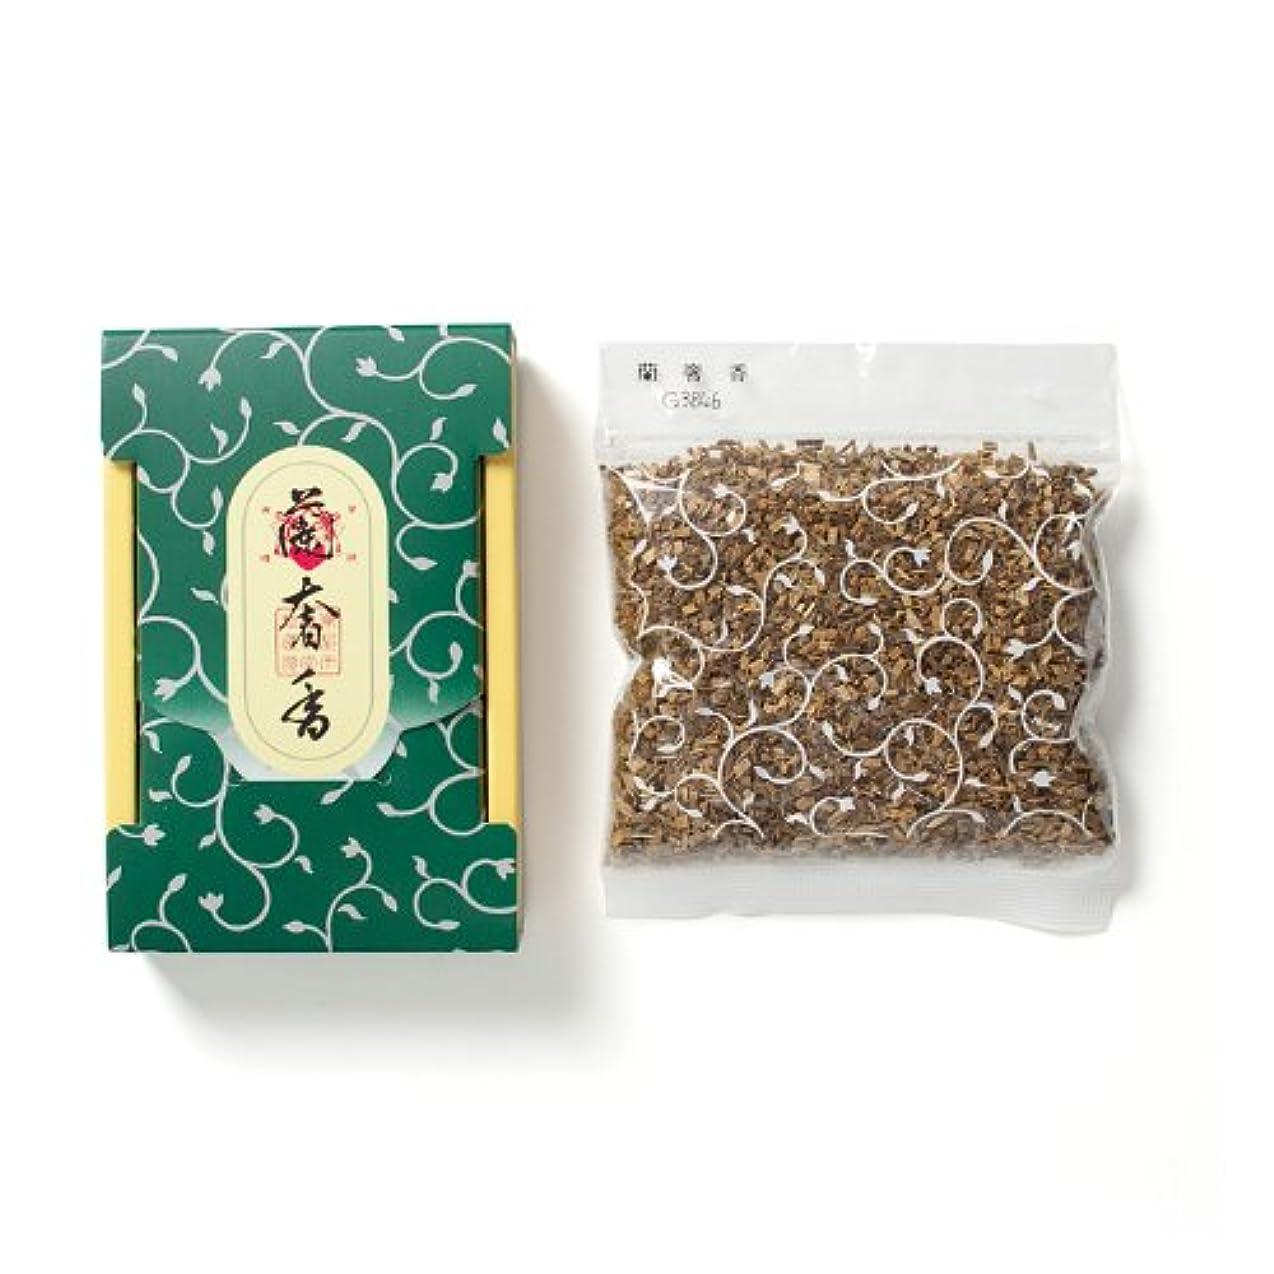 形状評論家尊敬する松栄堂のお焼香 蘭奢香 25g詰 小箱入 #410741